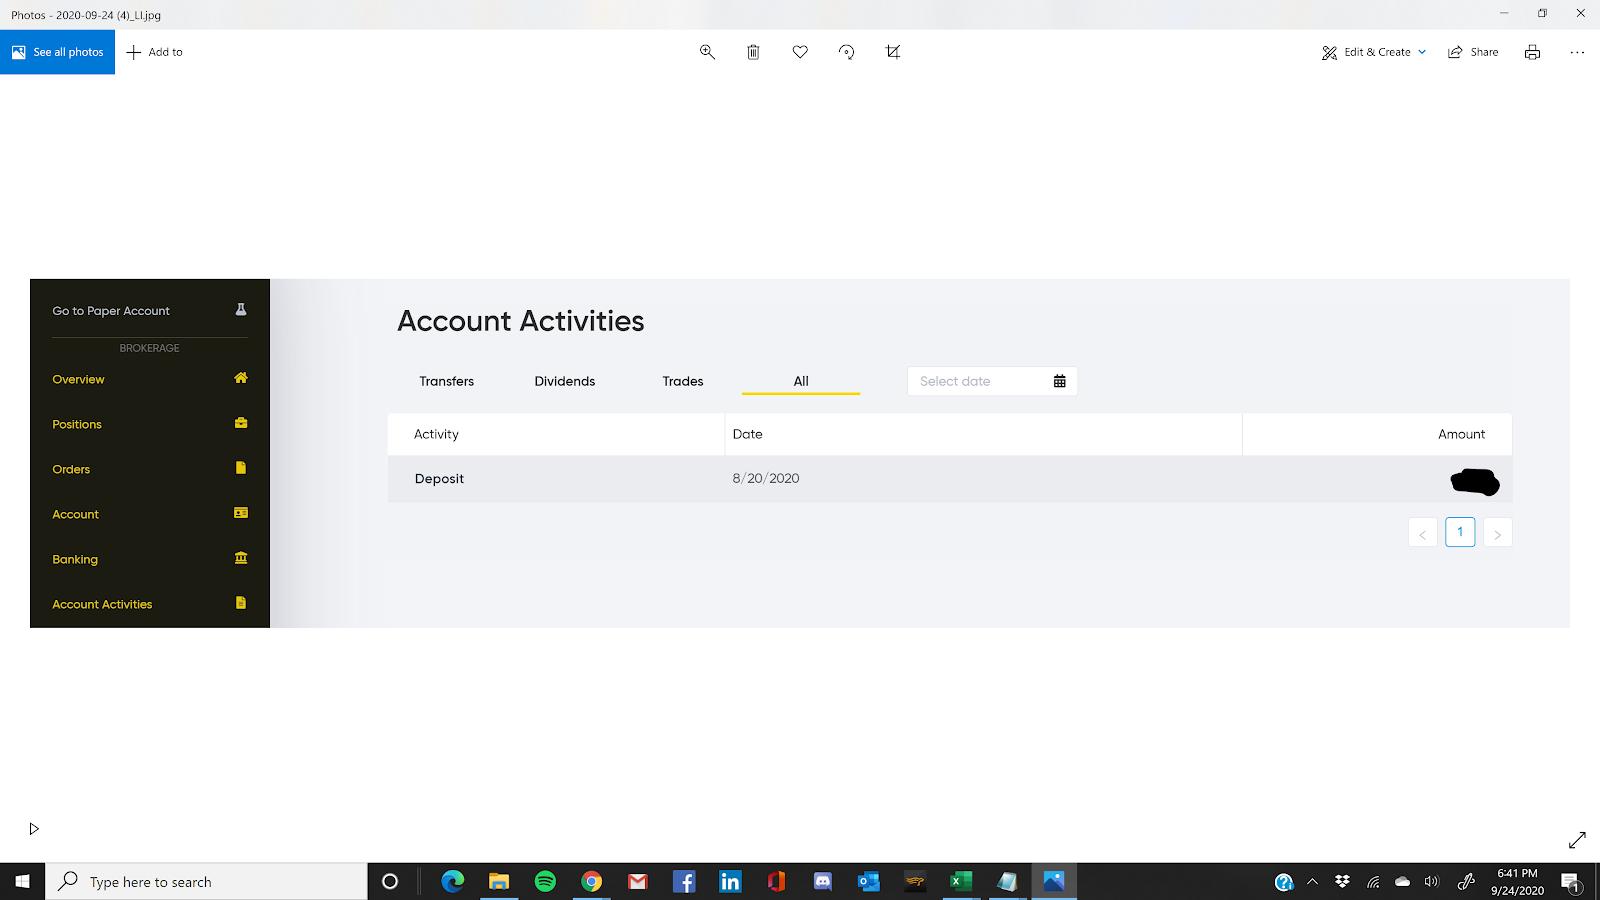 Account Activities